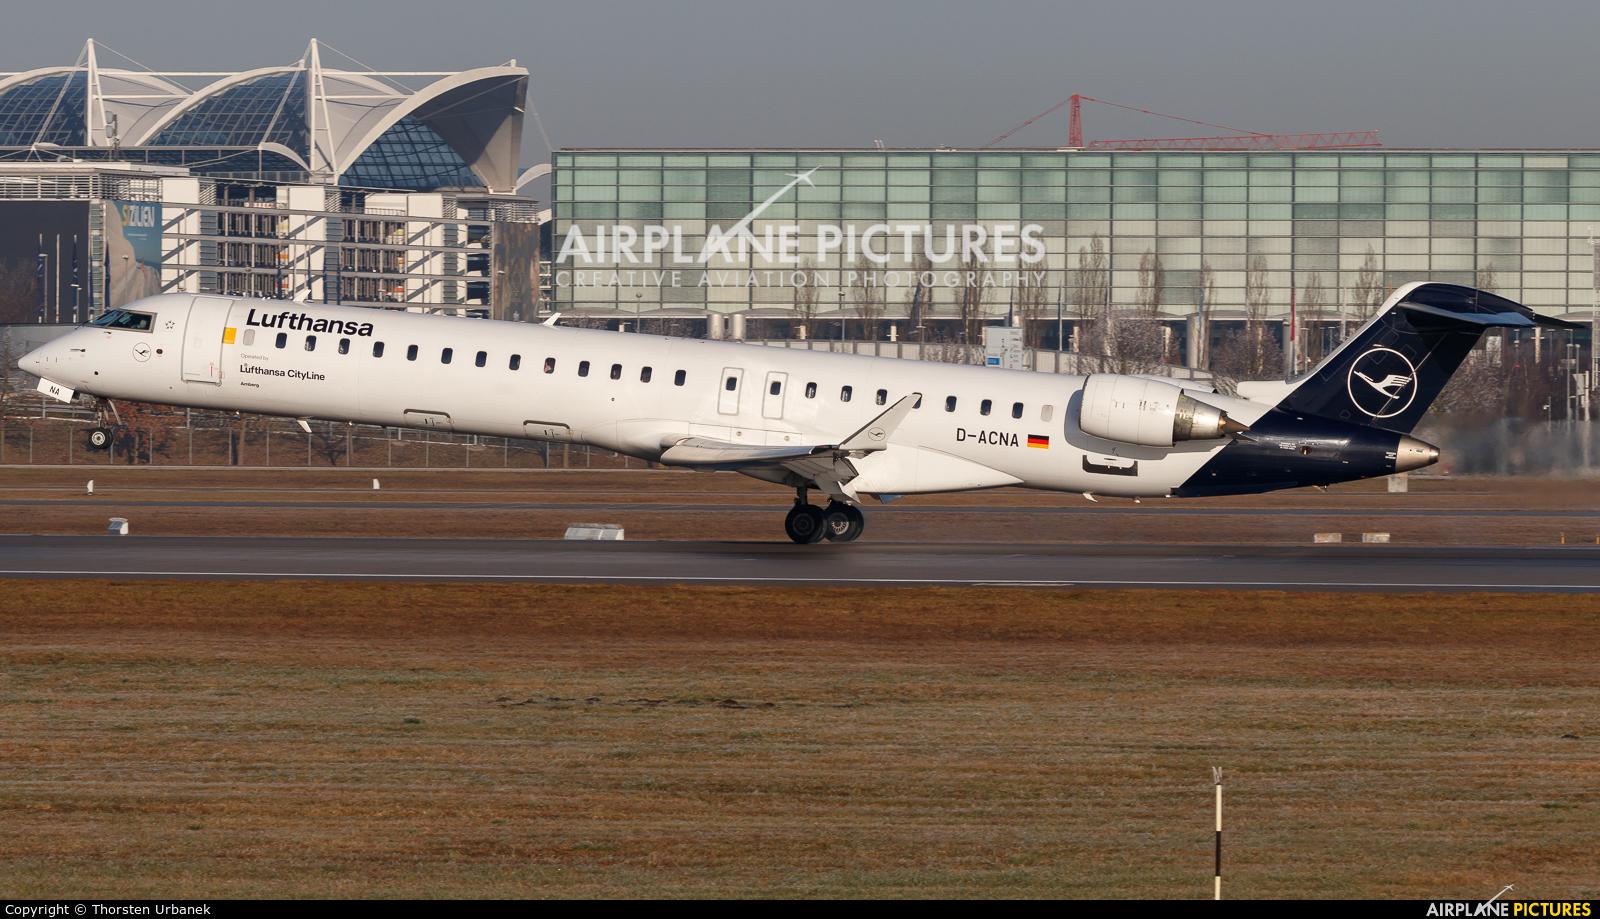 Lufthansa Regional - CityLine D-ACNA aircraft at Munich